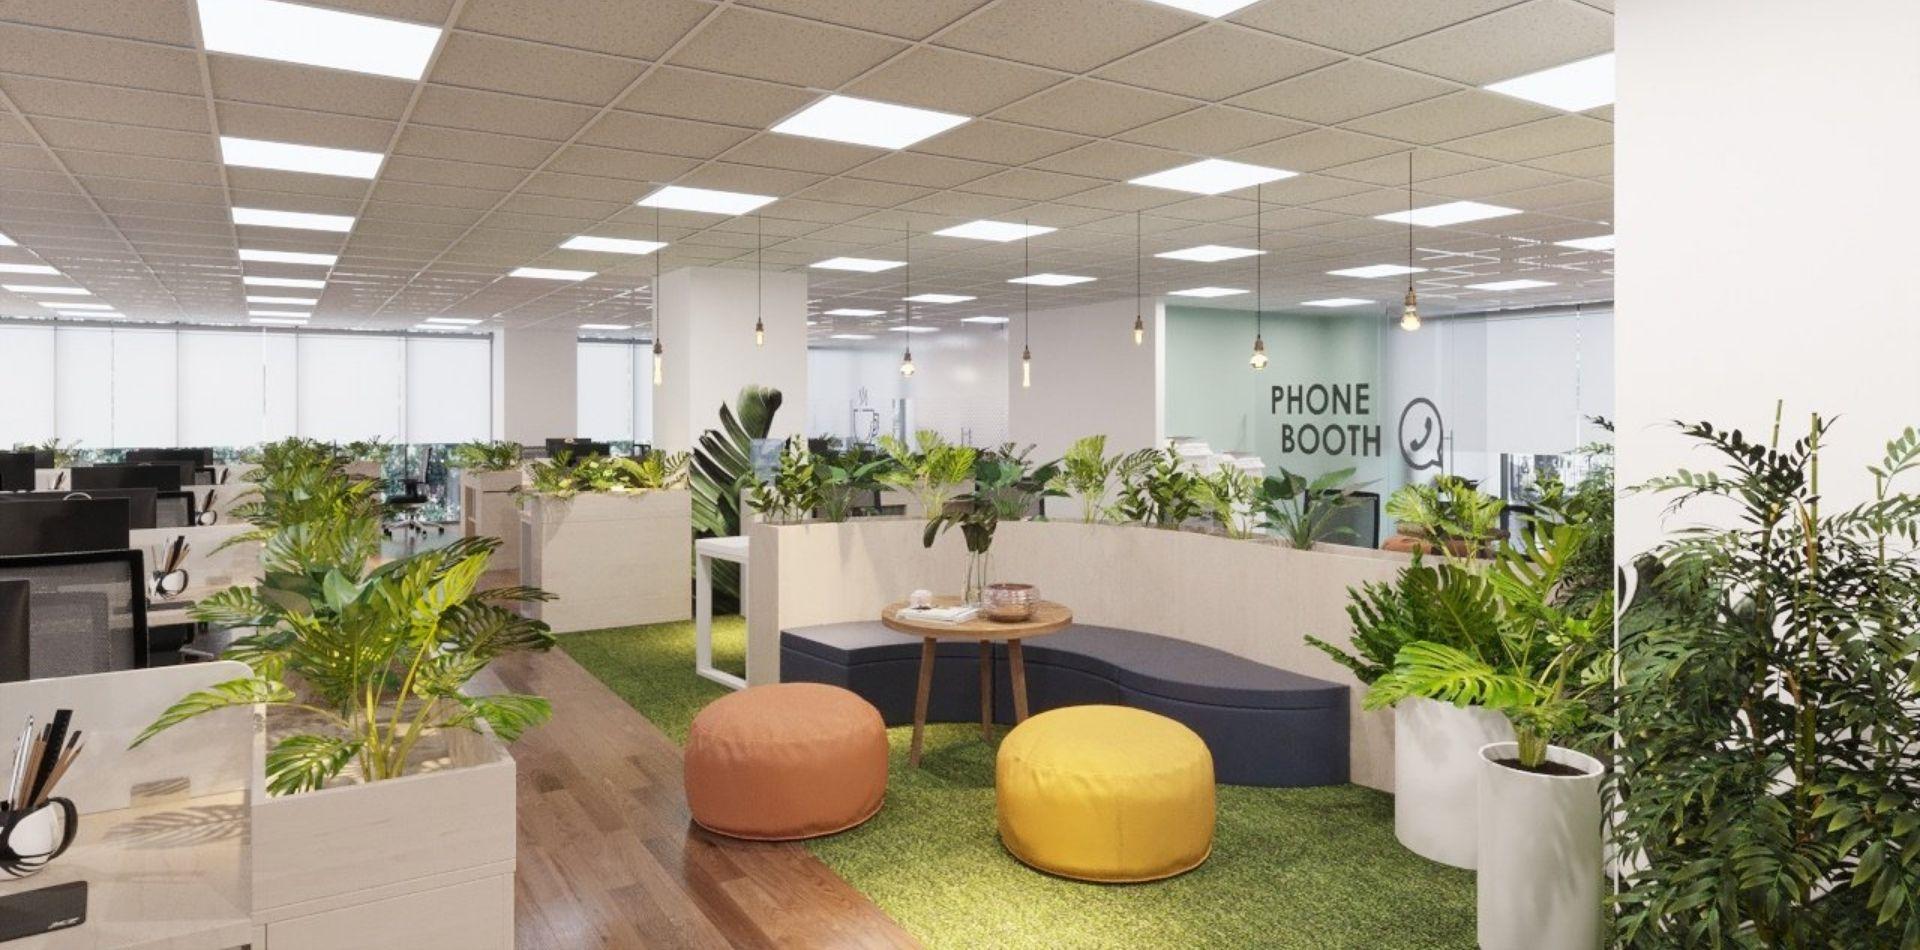 Thiết kế văn phòng mới với những công nghệ đáp ứng nhu cầu làm việc từ xa